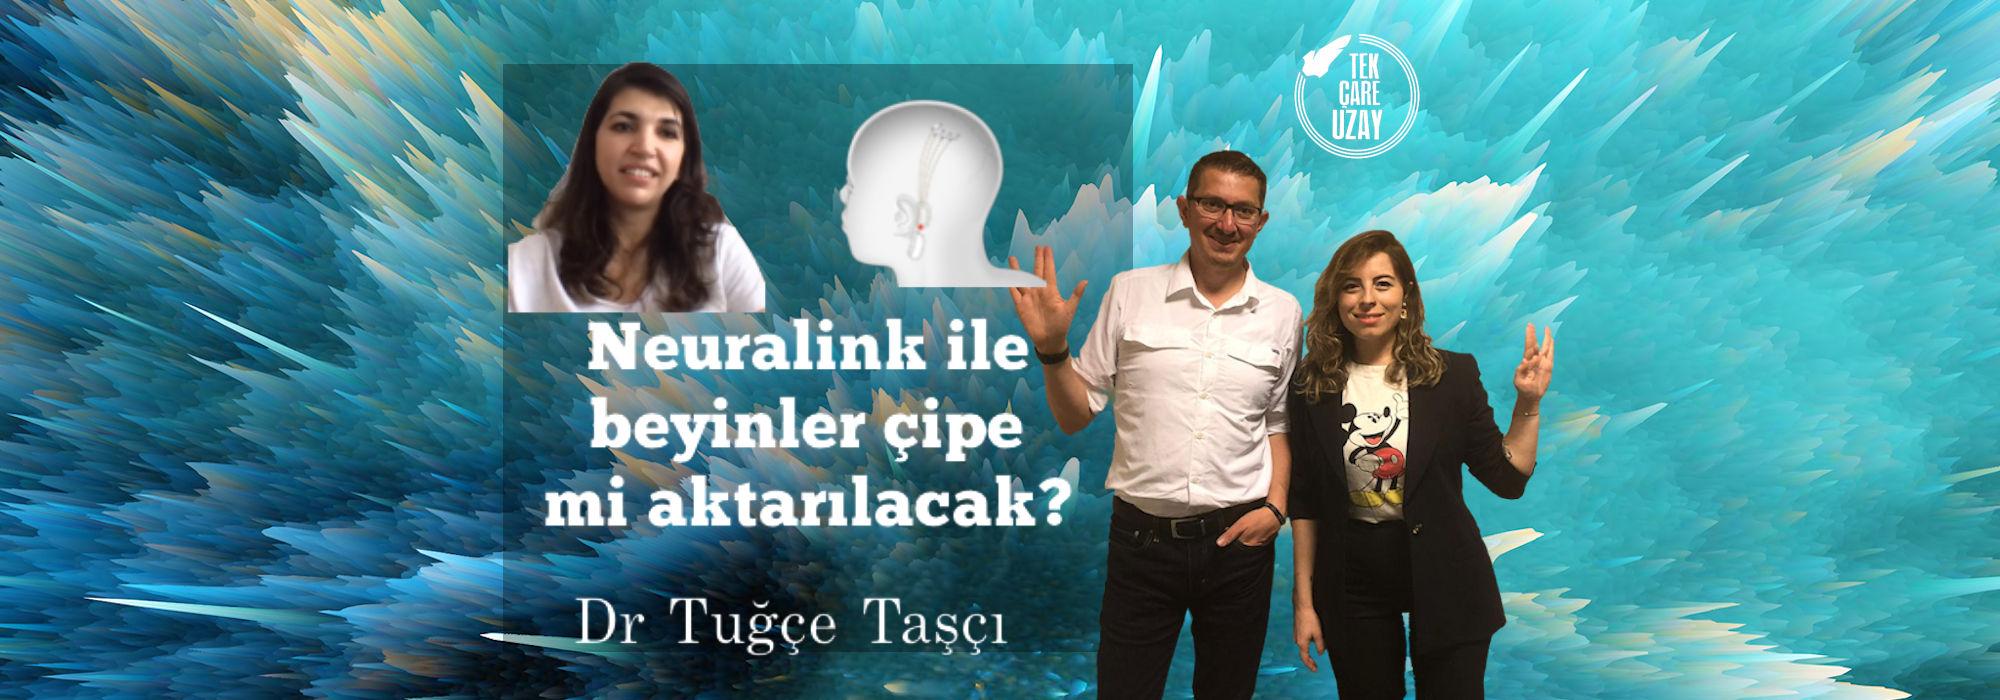 Tek Çare Uzay | İşin uzmanına Neuralink'i soruyoruz! Konuk: Dr. Tuğçe Taşcı